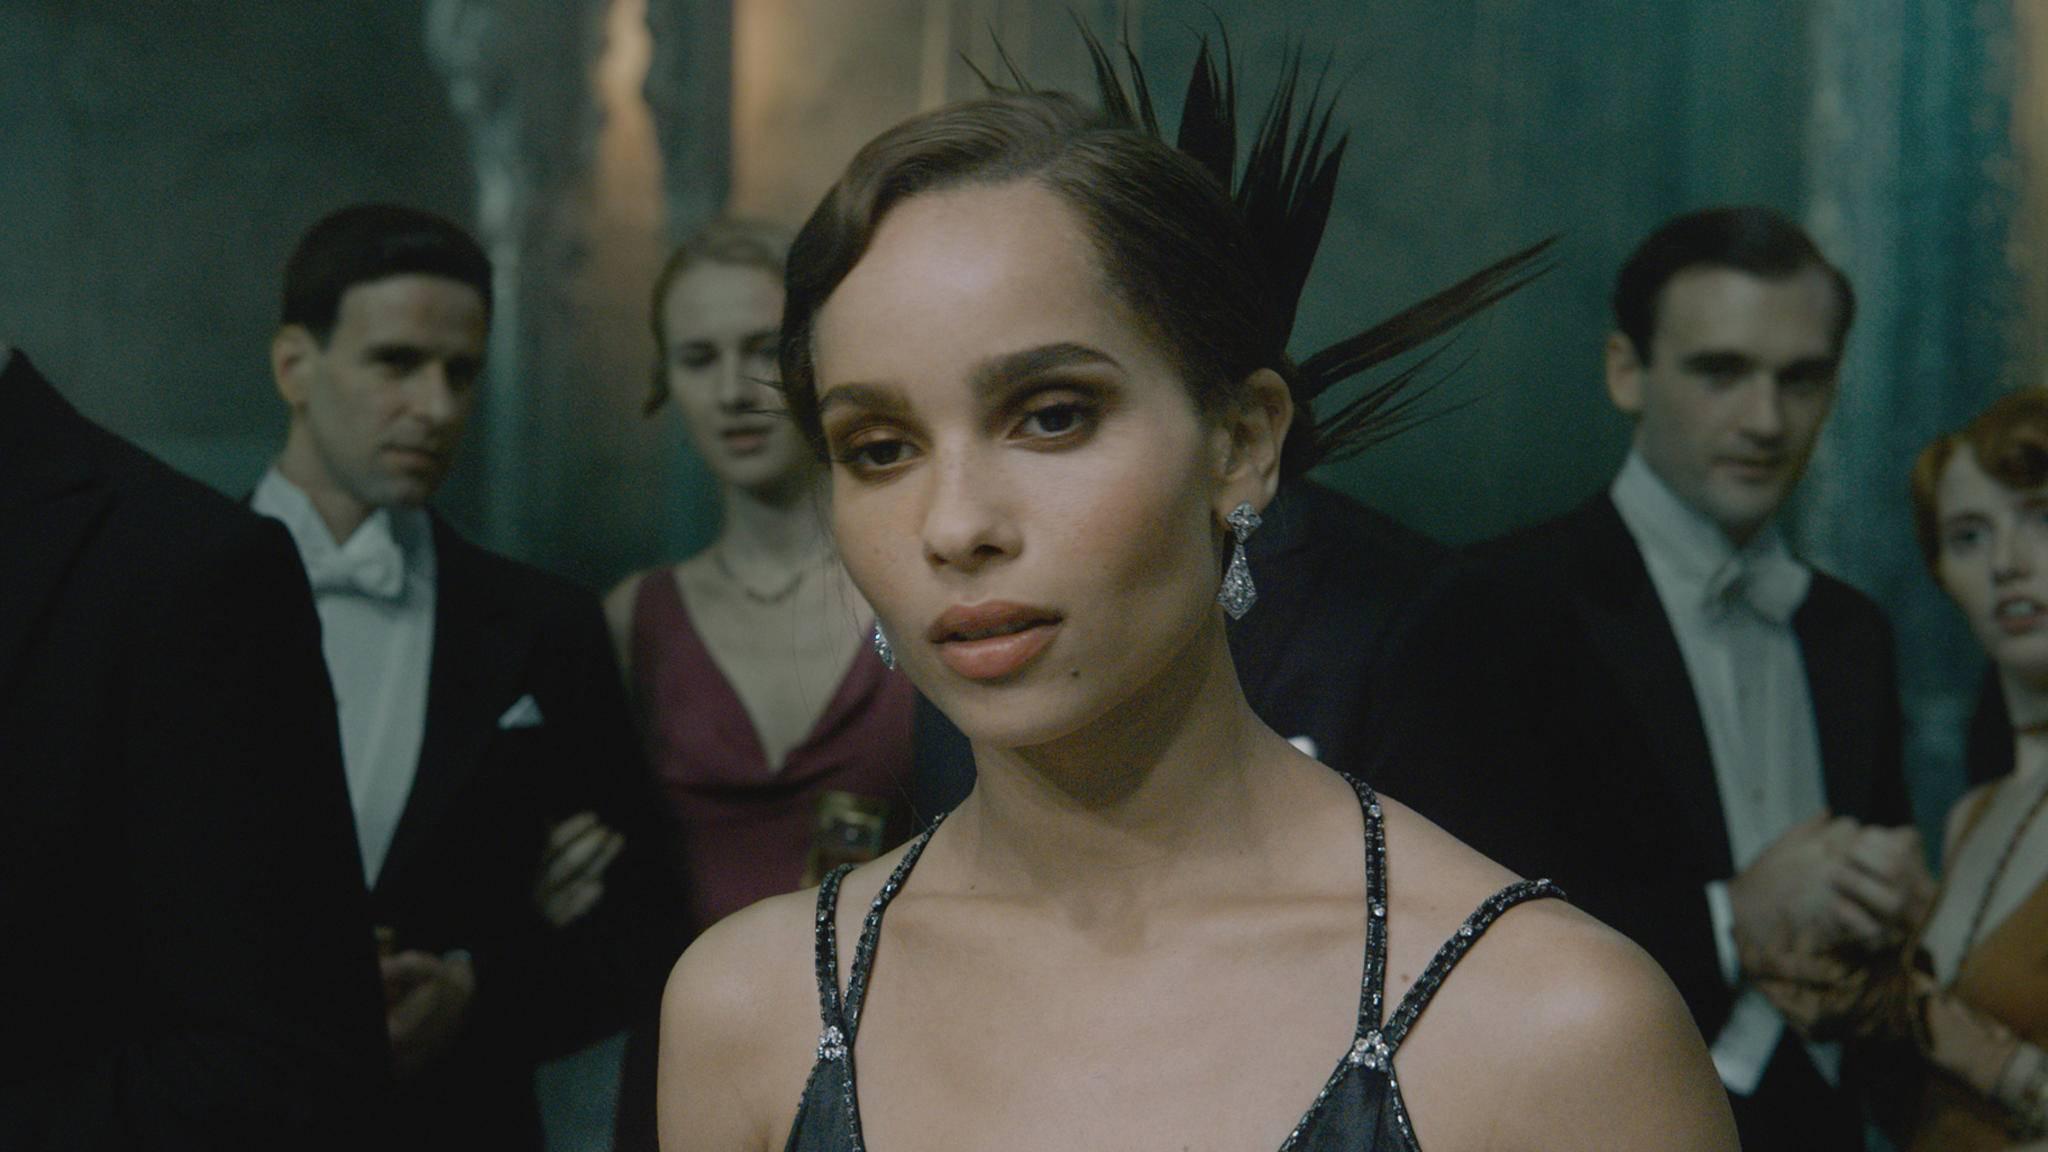 """In """"Phantastische Tierwesen 2"""" spielte sie Leta Lestrange, nun verwandelt sich Zoë Kravitz in Catwoman!"""